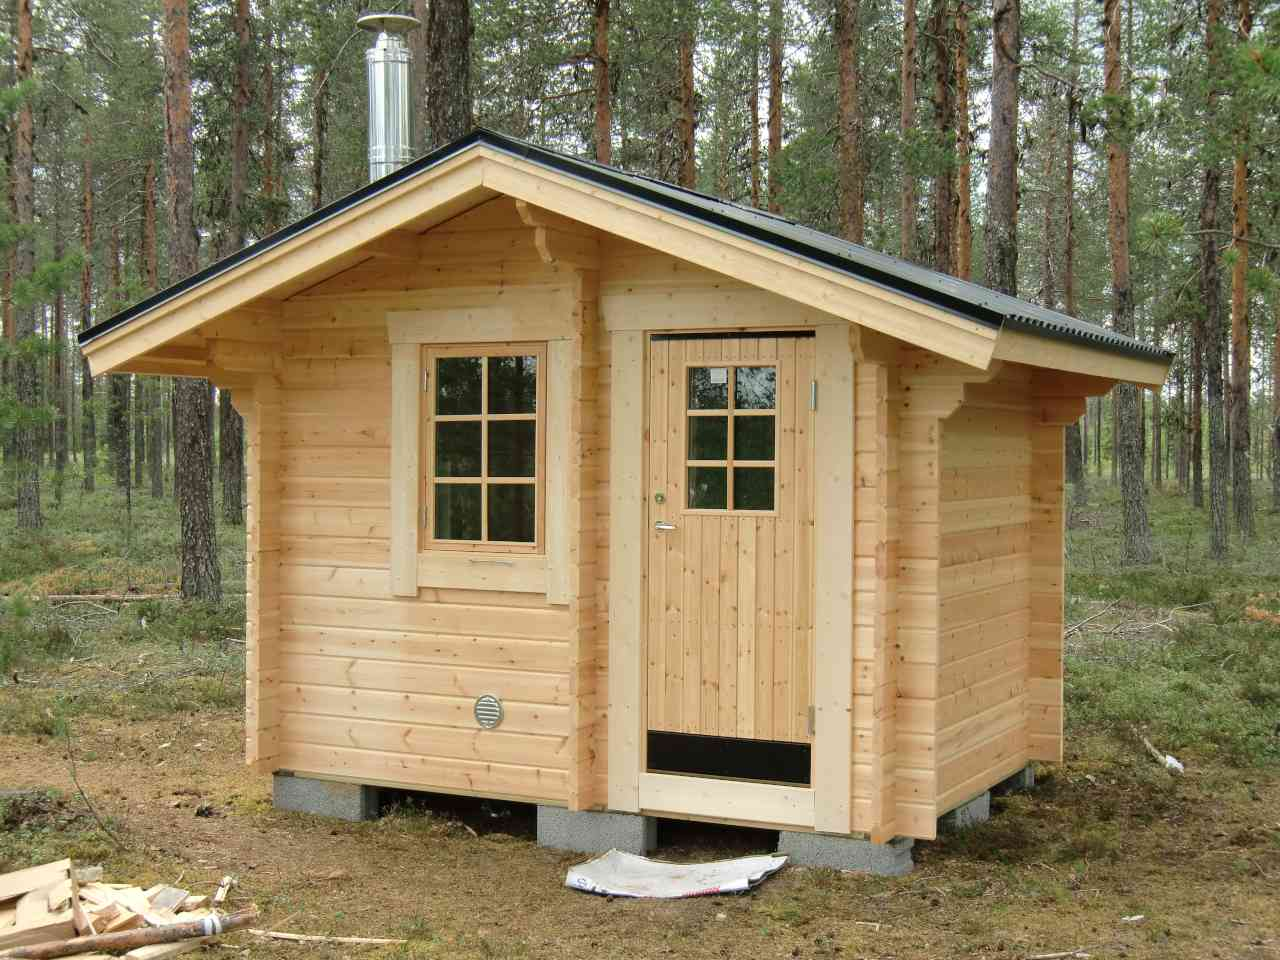 Bastustuga 6 med 3,7 m² stort basturum och 2,7 m² stort relaxrum